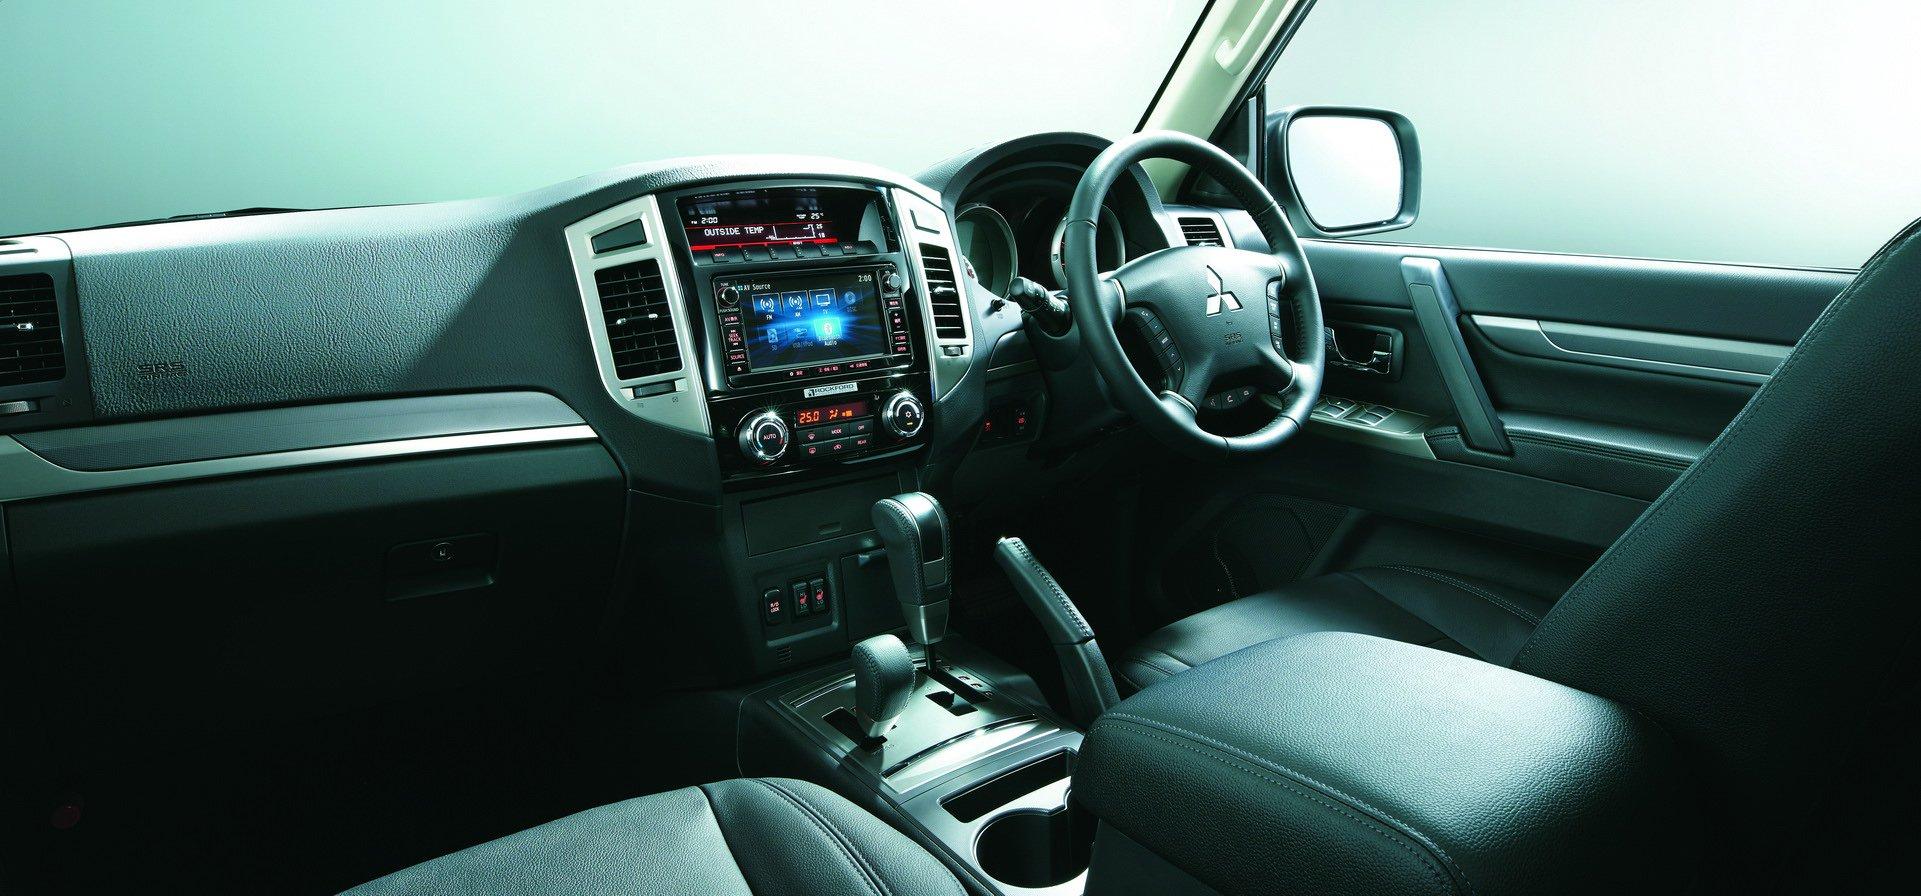 Mitsubishi-Pajero-Final-Edition-4